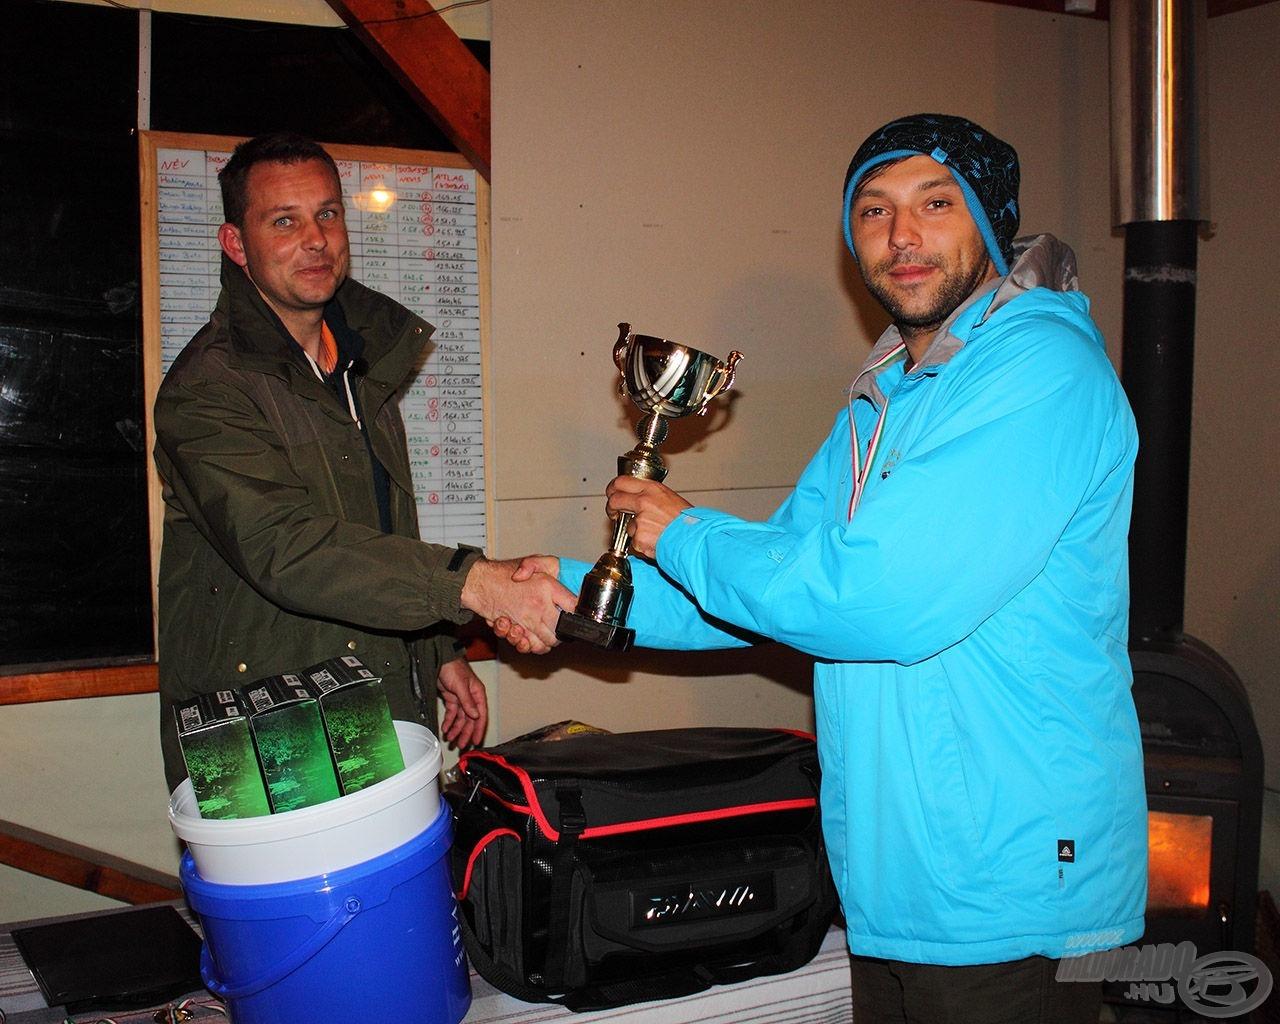 A távdobás bajnoka címet Cristian Mihalcea (Ro) szerezte meg a II. Nevis Bojlis Távdobó Versenyen Harsányban 173,875 méteres átlaggal